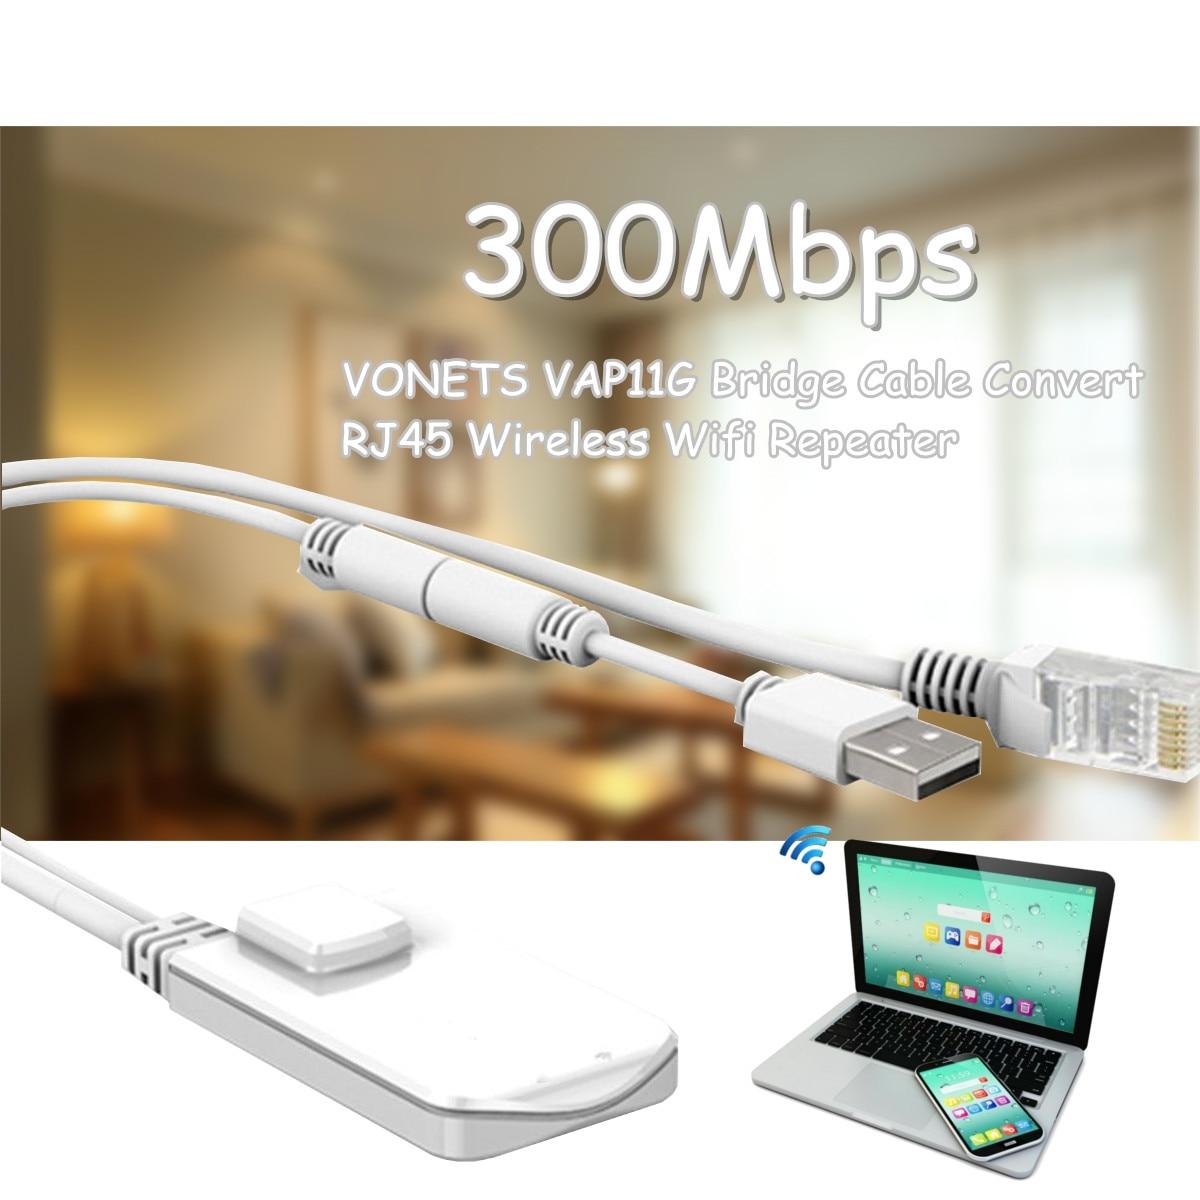 LEORY VAP11G 300Mbps Wireless Mini Wifi Repeater Bridge Cable Convert RJ45